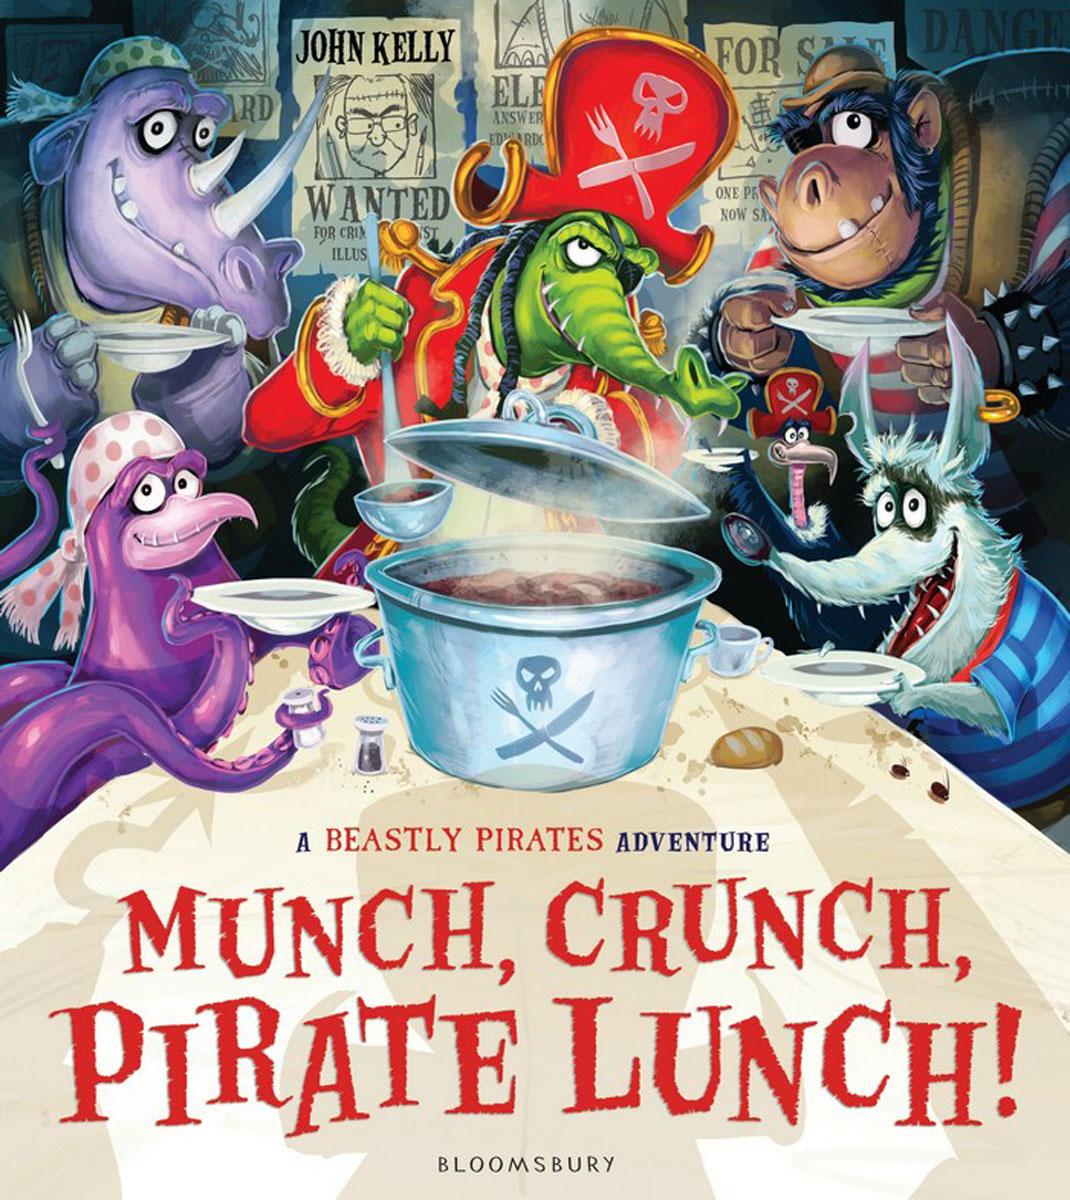 цена на Munch, Crunch, Pirate Lunch!